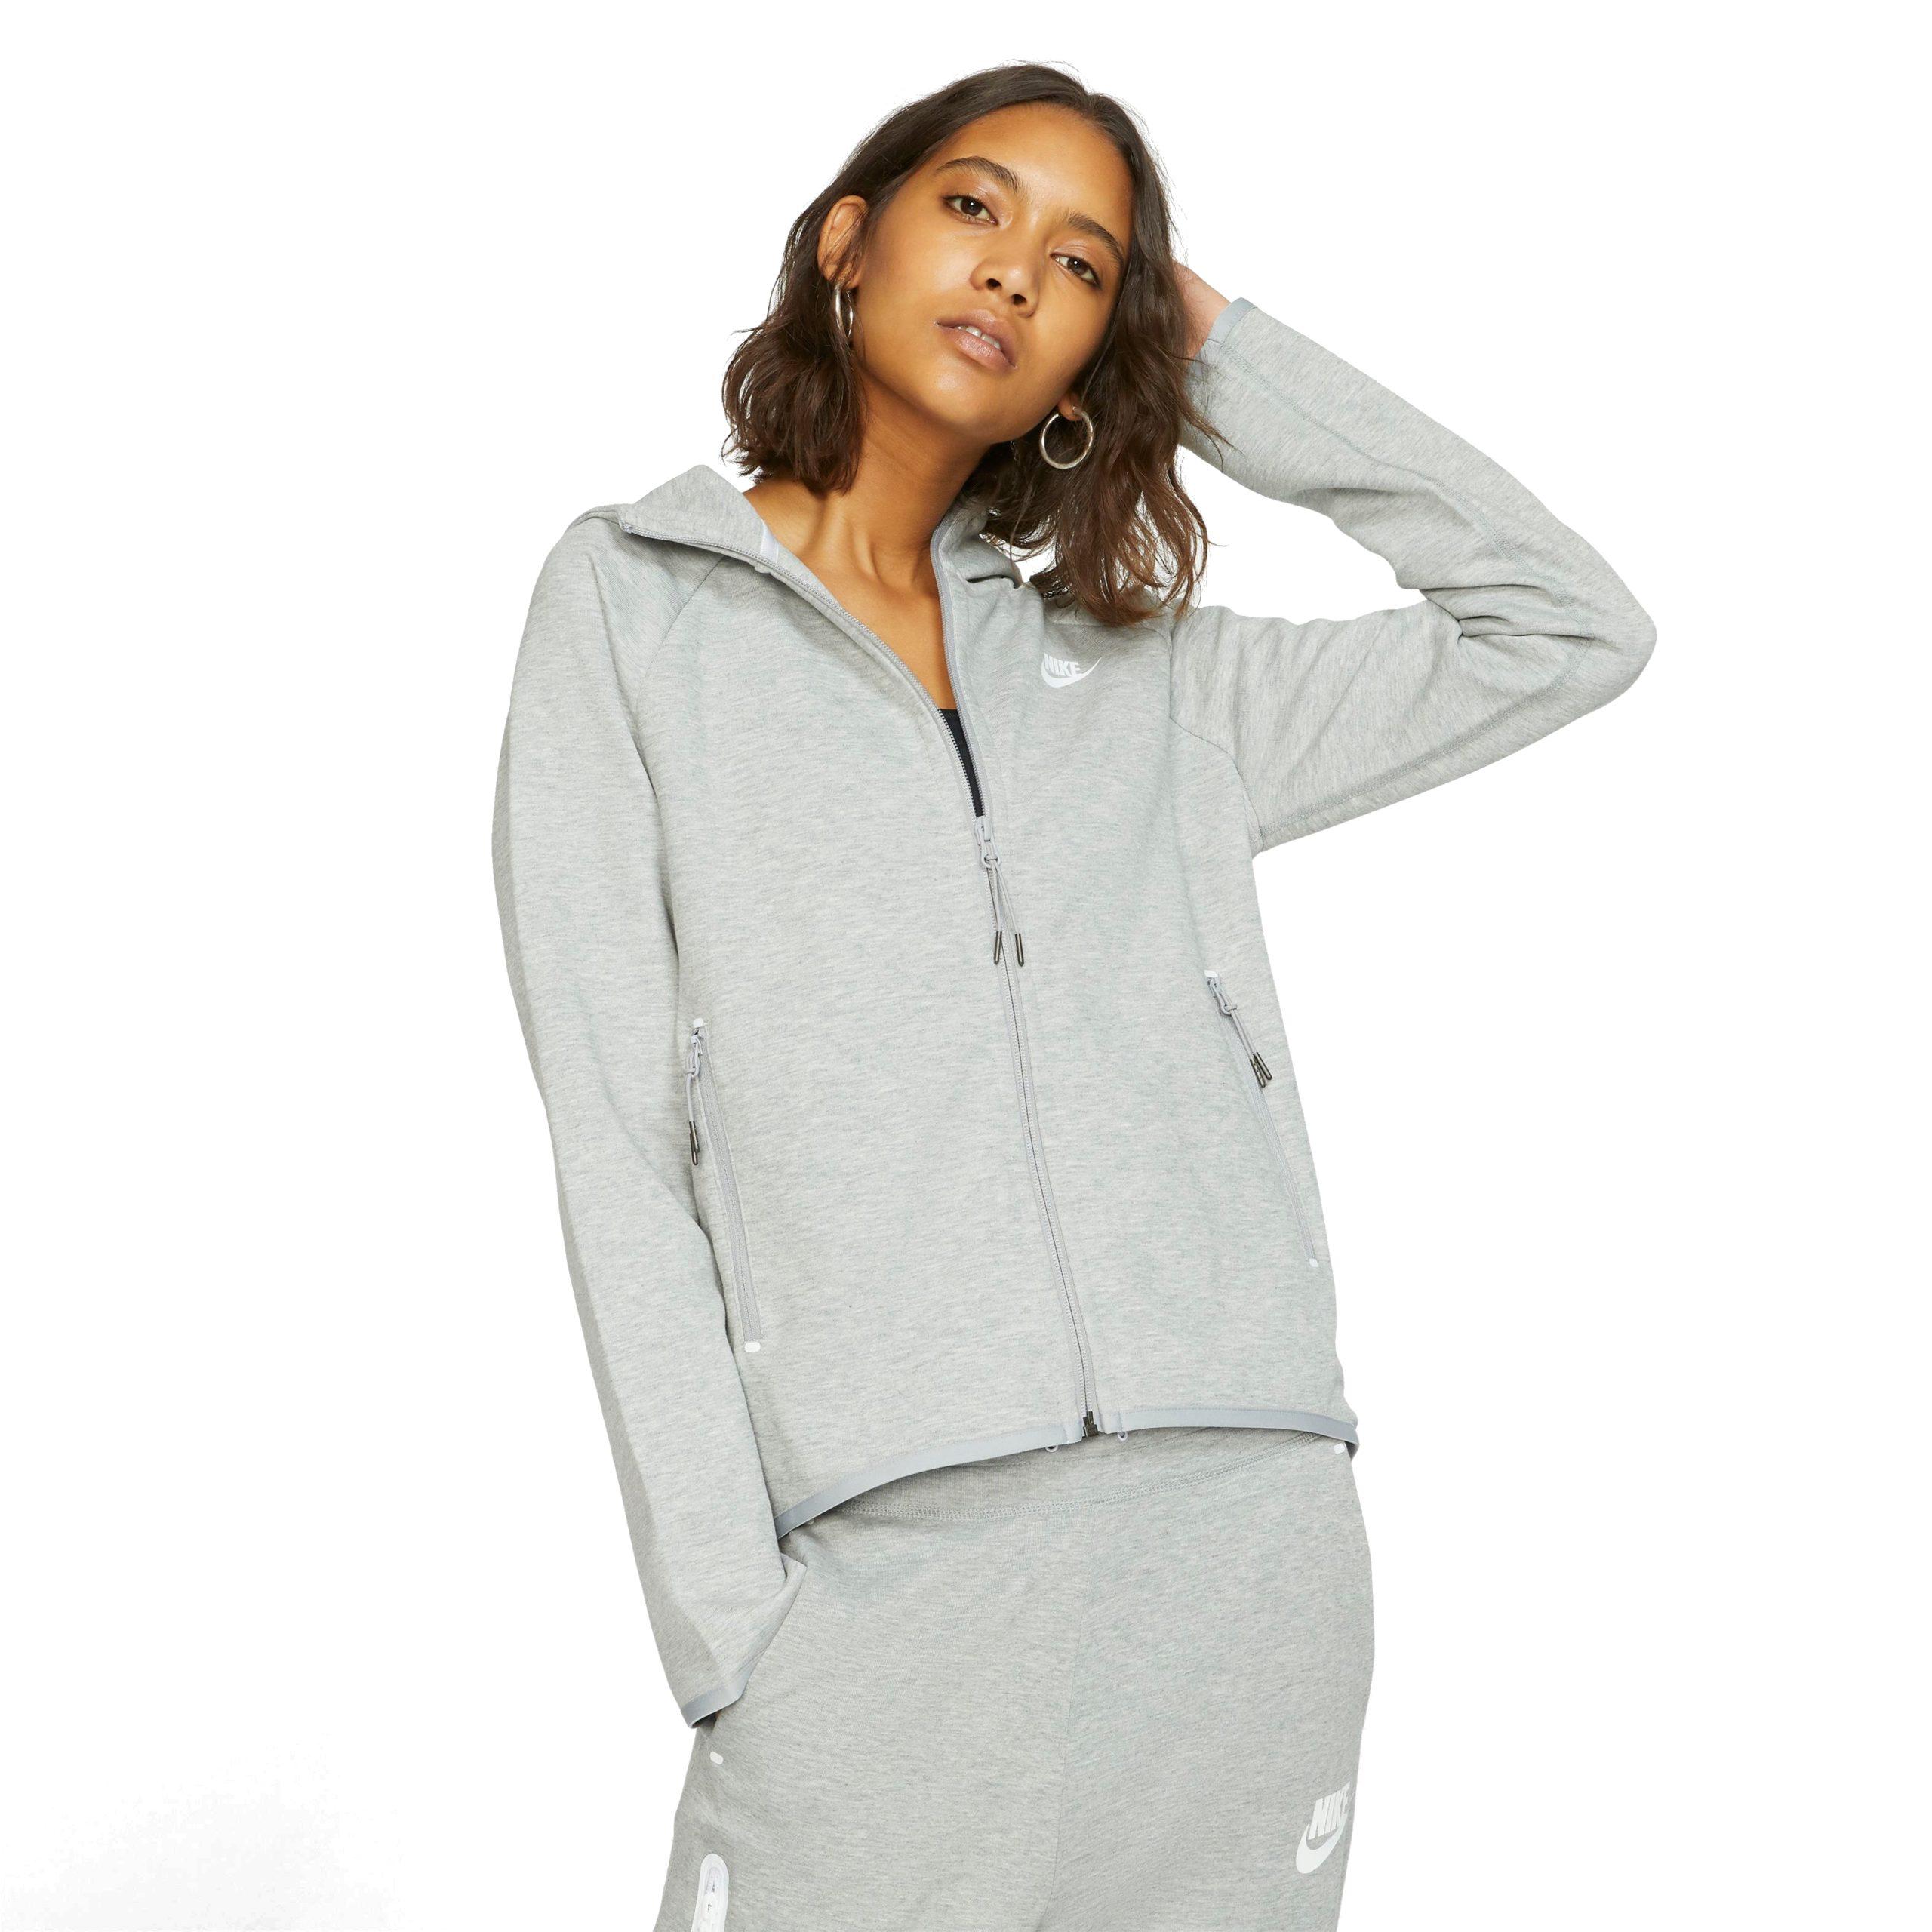 Bluza damska Nike Sportswear Tech Fleece BV7565